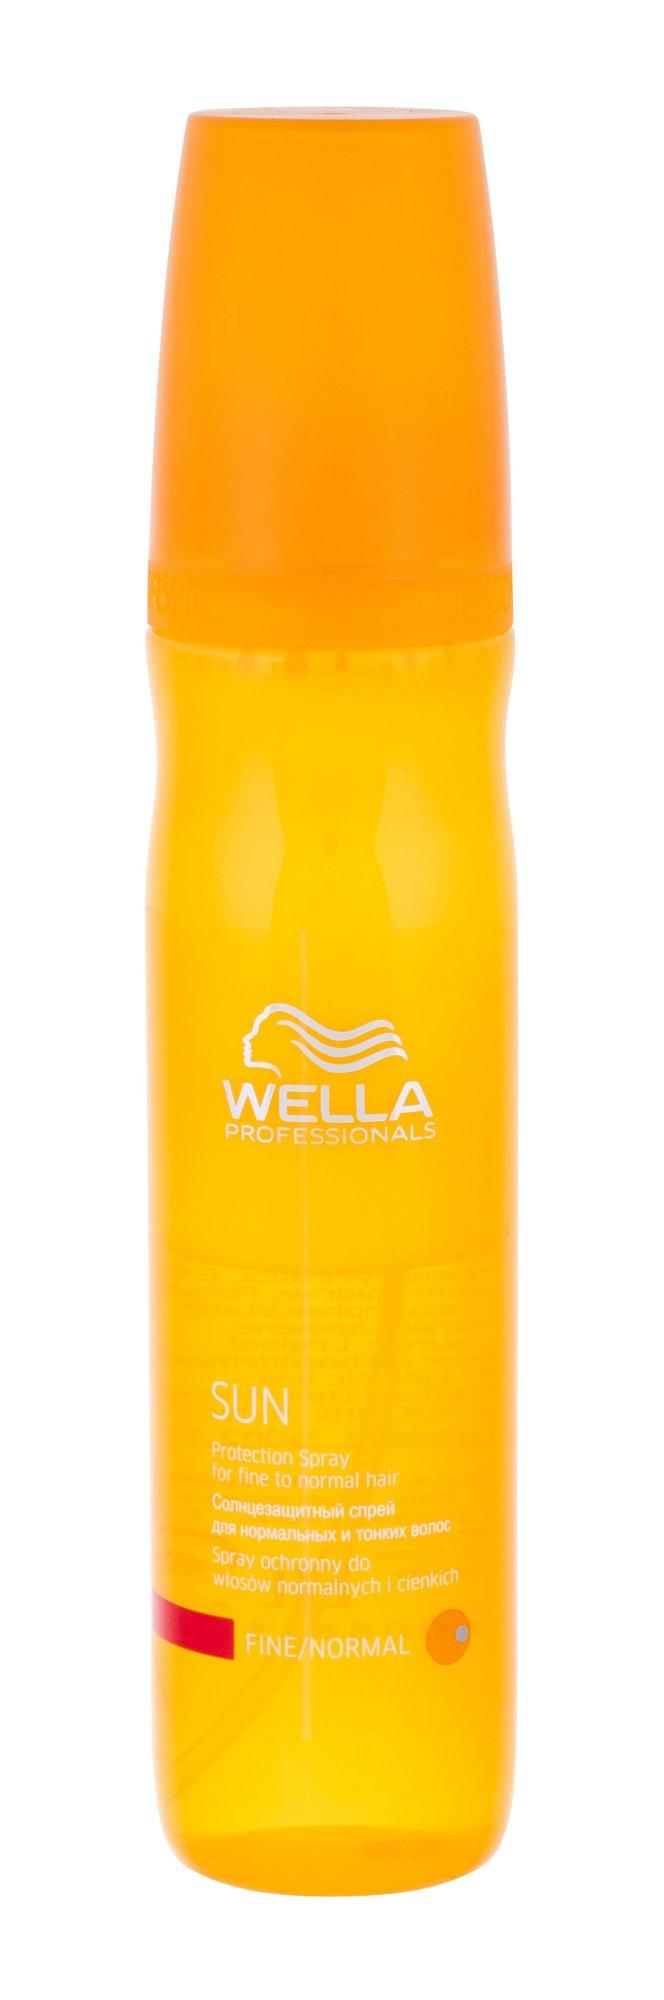 Wella Sun Cosmetic 150ml